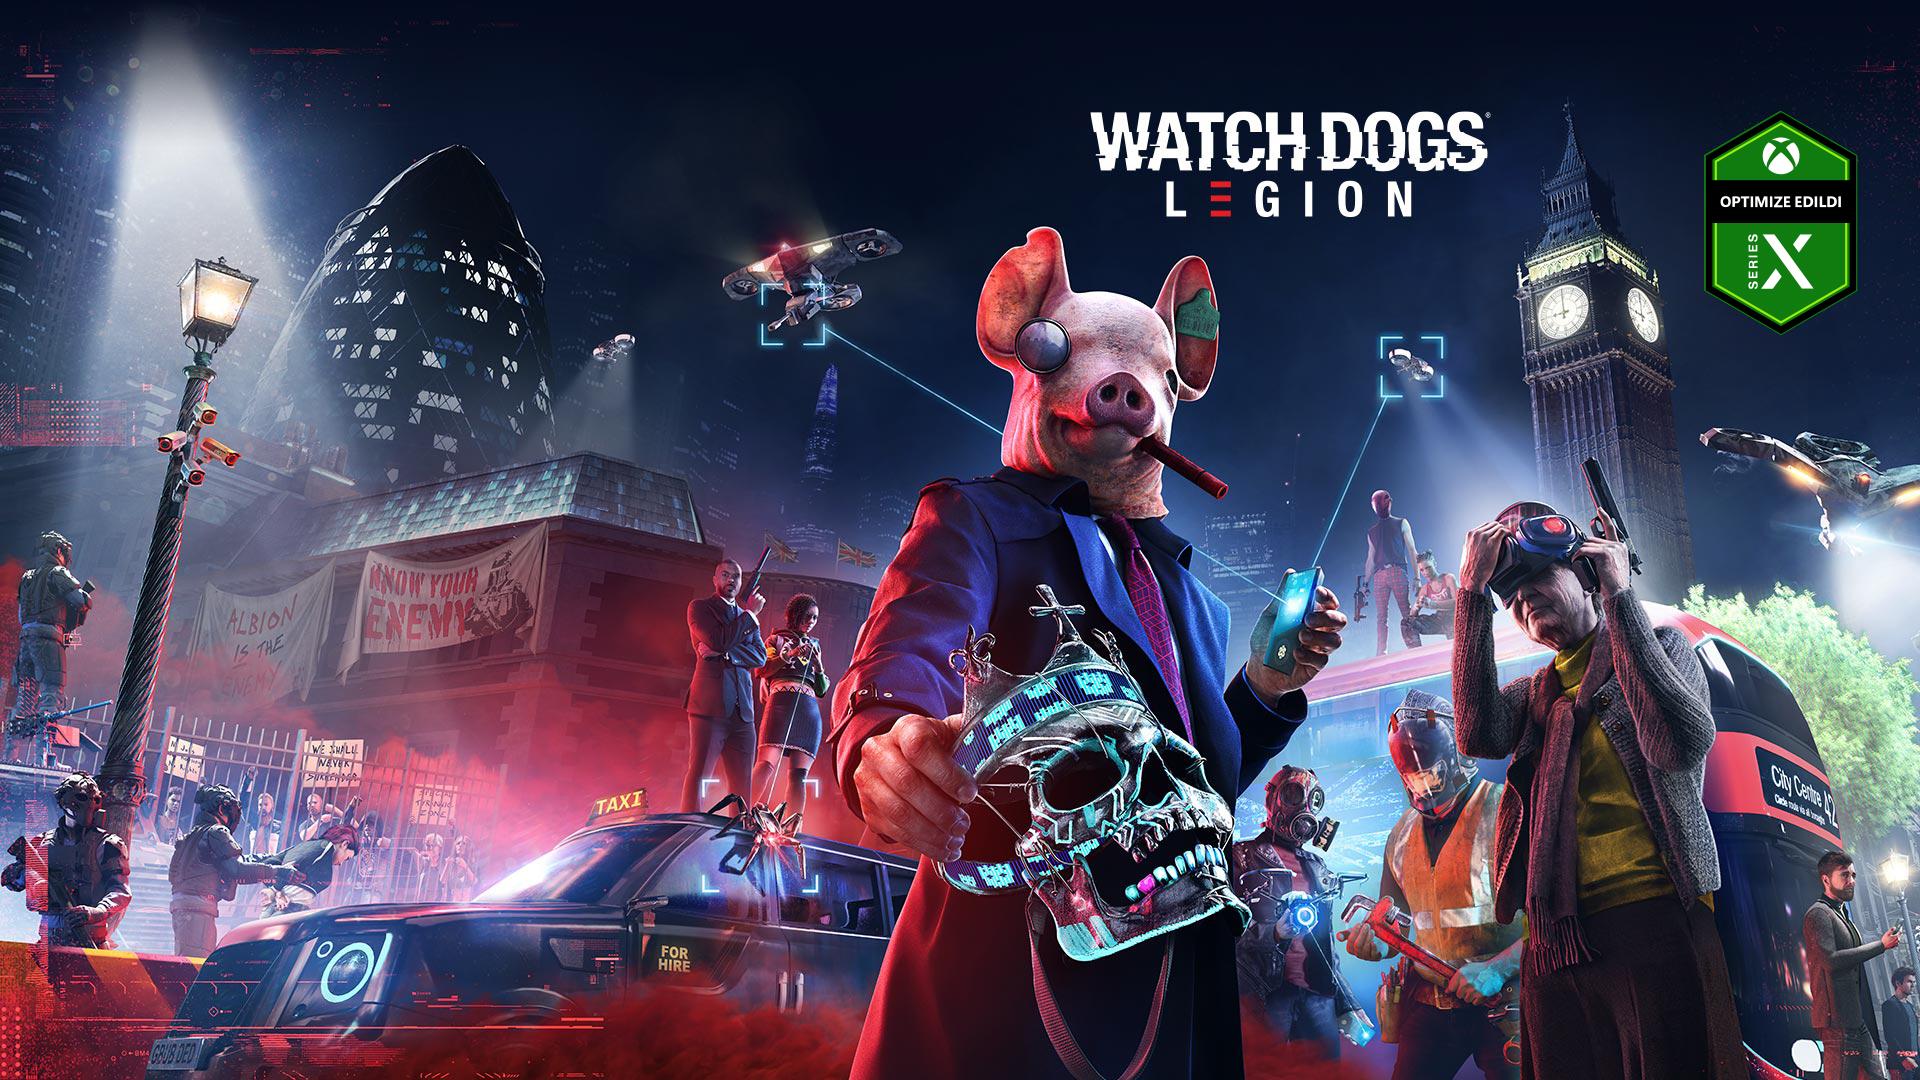 Series X için Optimize Edildi rozeti, Watch Dogs Legion logosu, bir kurukafa tutan domuz maskeli bir kişi, iki dron, Big Ben ve silahlı birkaç diğer karakter